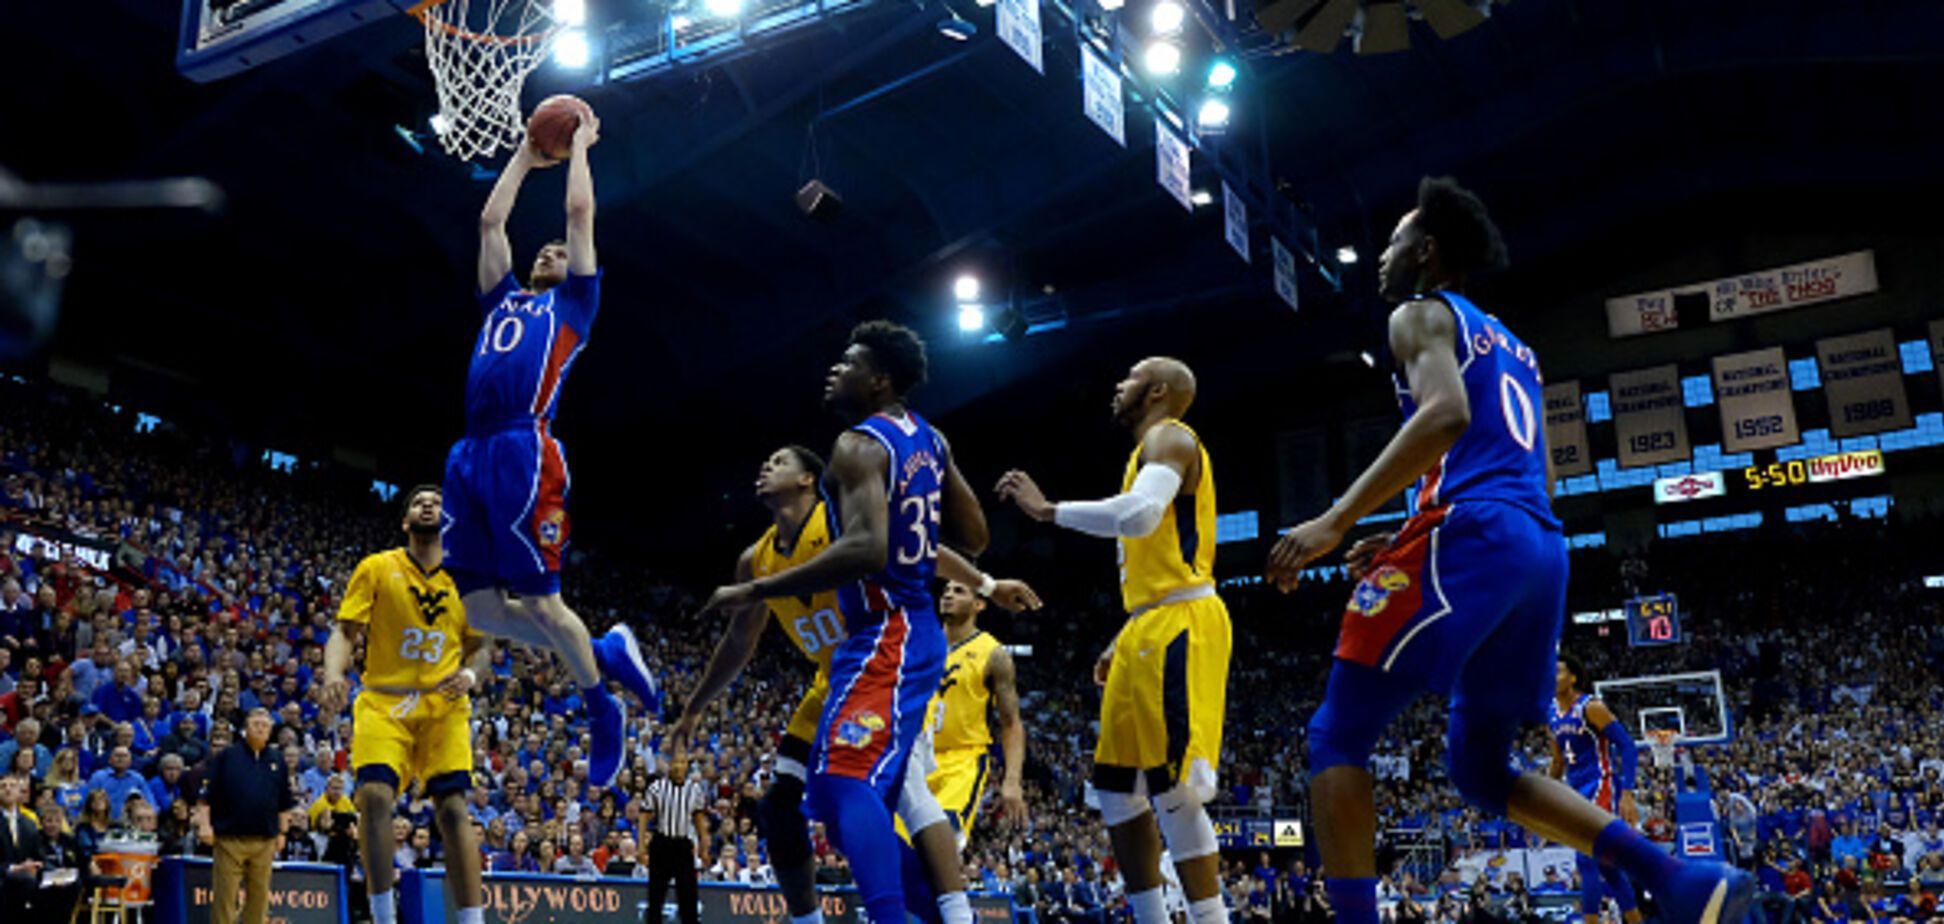 Защитник сборной Украины помог своей команде одержать тяжелую победу в NCAA